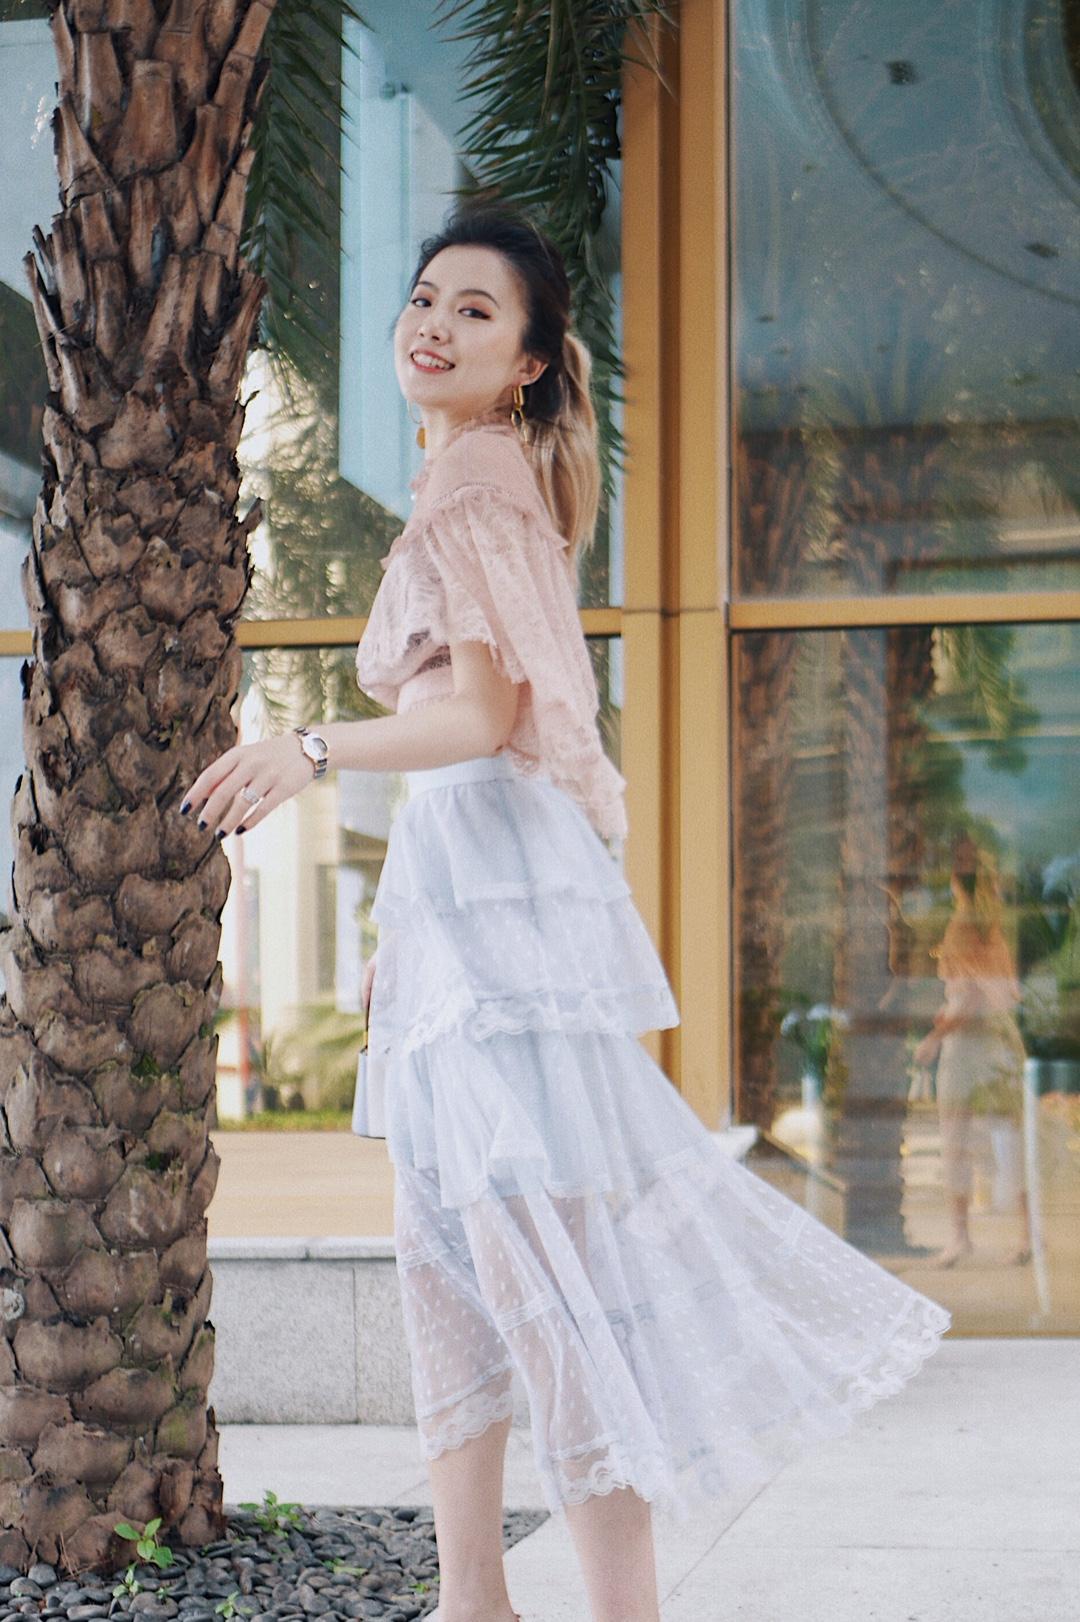 #2019年恋爱搭配图鉴# 今天是粉嫩的蕾丝女孩👧🏽 满屏的恋爱气息💓 蕾丝上衣的斗篷设计可以巧妙遮住自己的蝴蝶袖! 如果你的臀部不够饱满, 那么蛋糕裙可以起到掩饰的错乱效果~ 想要小女人一点就选择一双小高跟, 想要青春一些高帮的白色帆布鞋也是很好的选择哦~